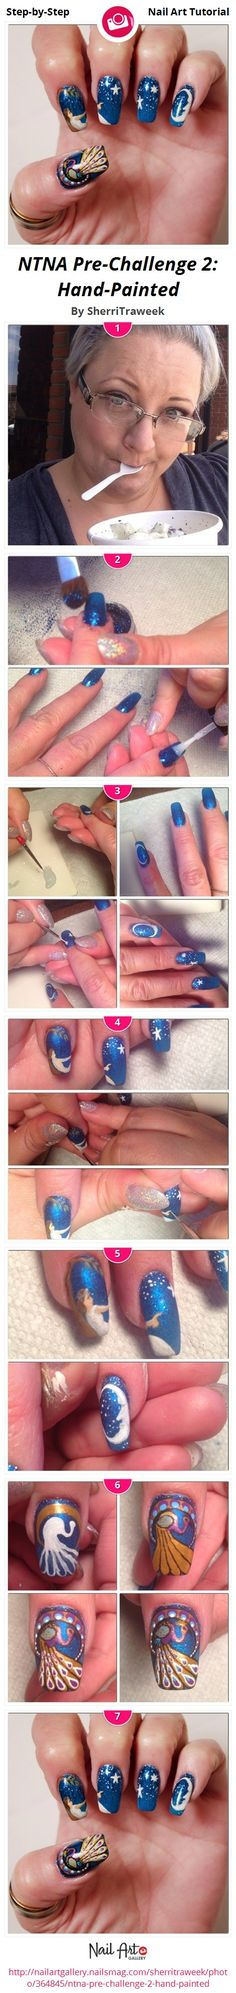 NTNA Pre-Challenge 2: Hand-Painted by SherriTraweek - Nail Art Gallery Step-by-Step Tutorials nailartgallery.nailsmag.com by Nails Magazine www.nailsmag.com #nailart